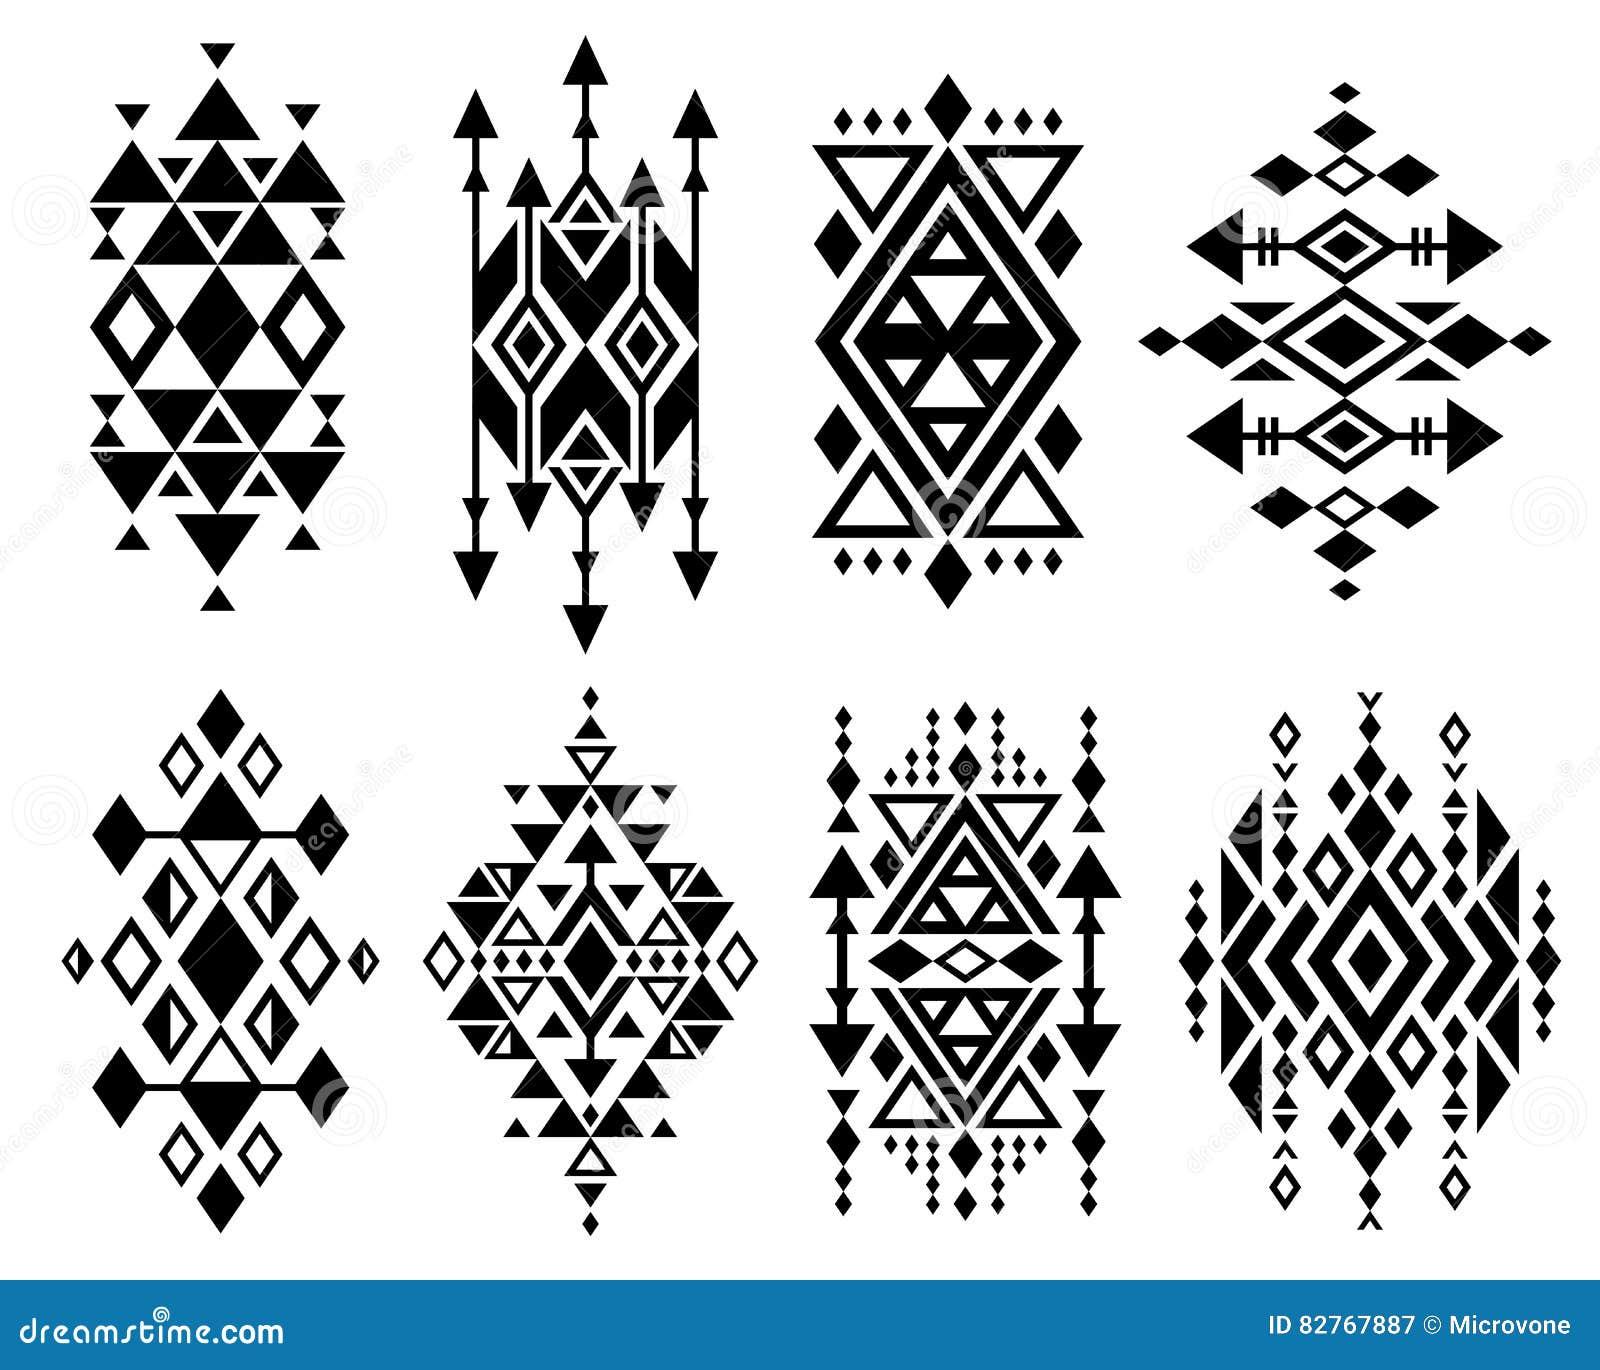 d61117287c4de Vintage mexican aztec tribal traditional vector logo design, navajo prints  set. Decoration traditional aztec design, ilustration of geometric aztec  tribal ...